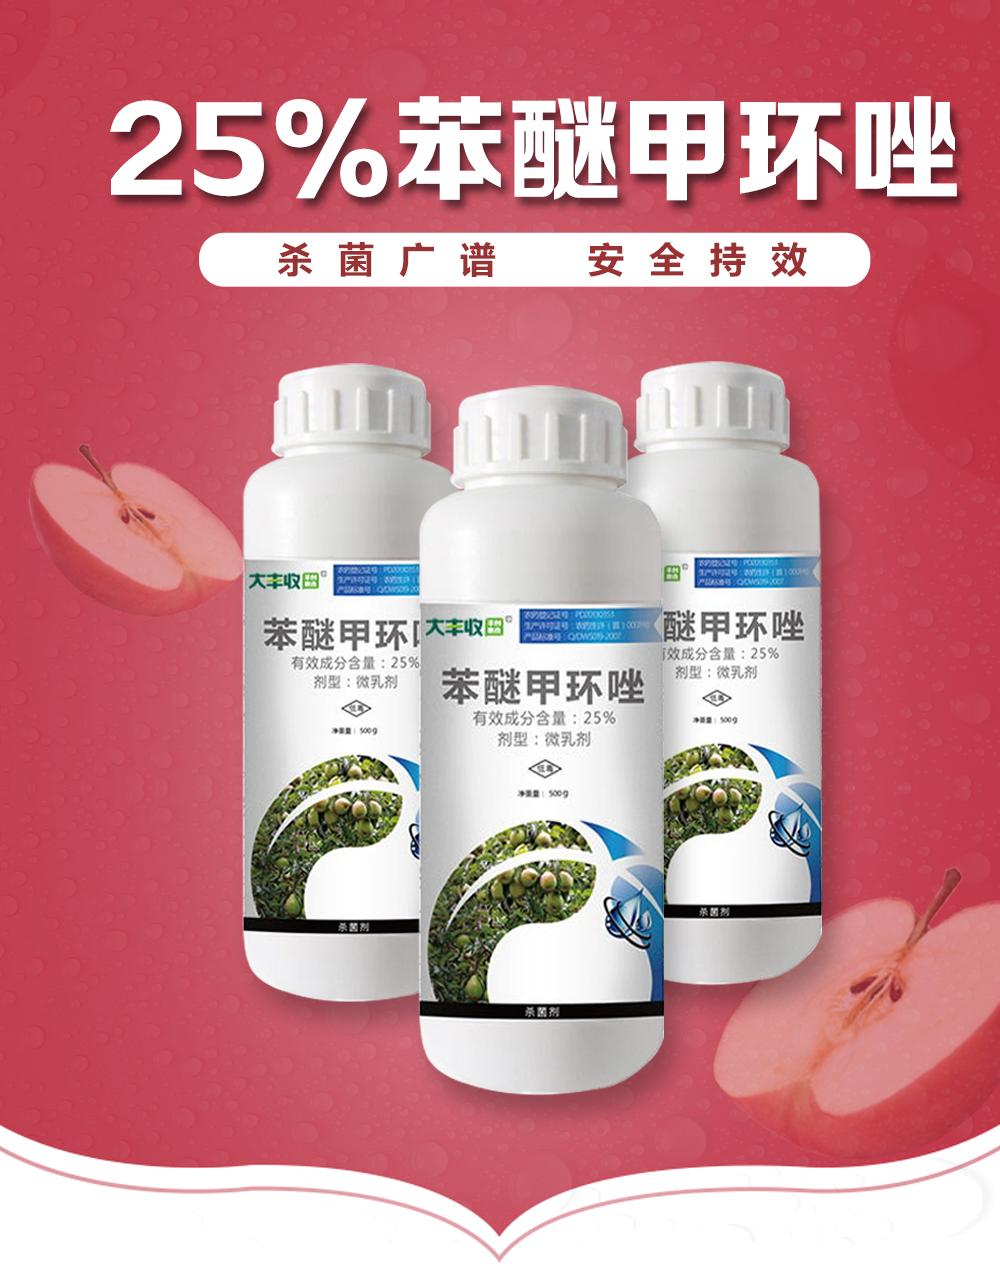 25%苯醚甲环唑商详1.png